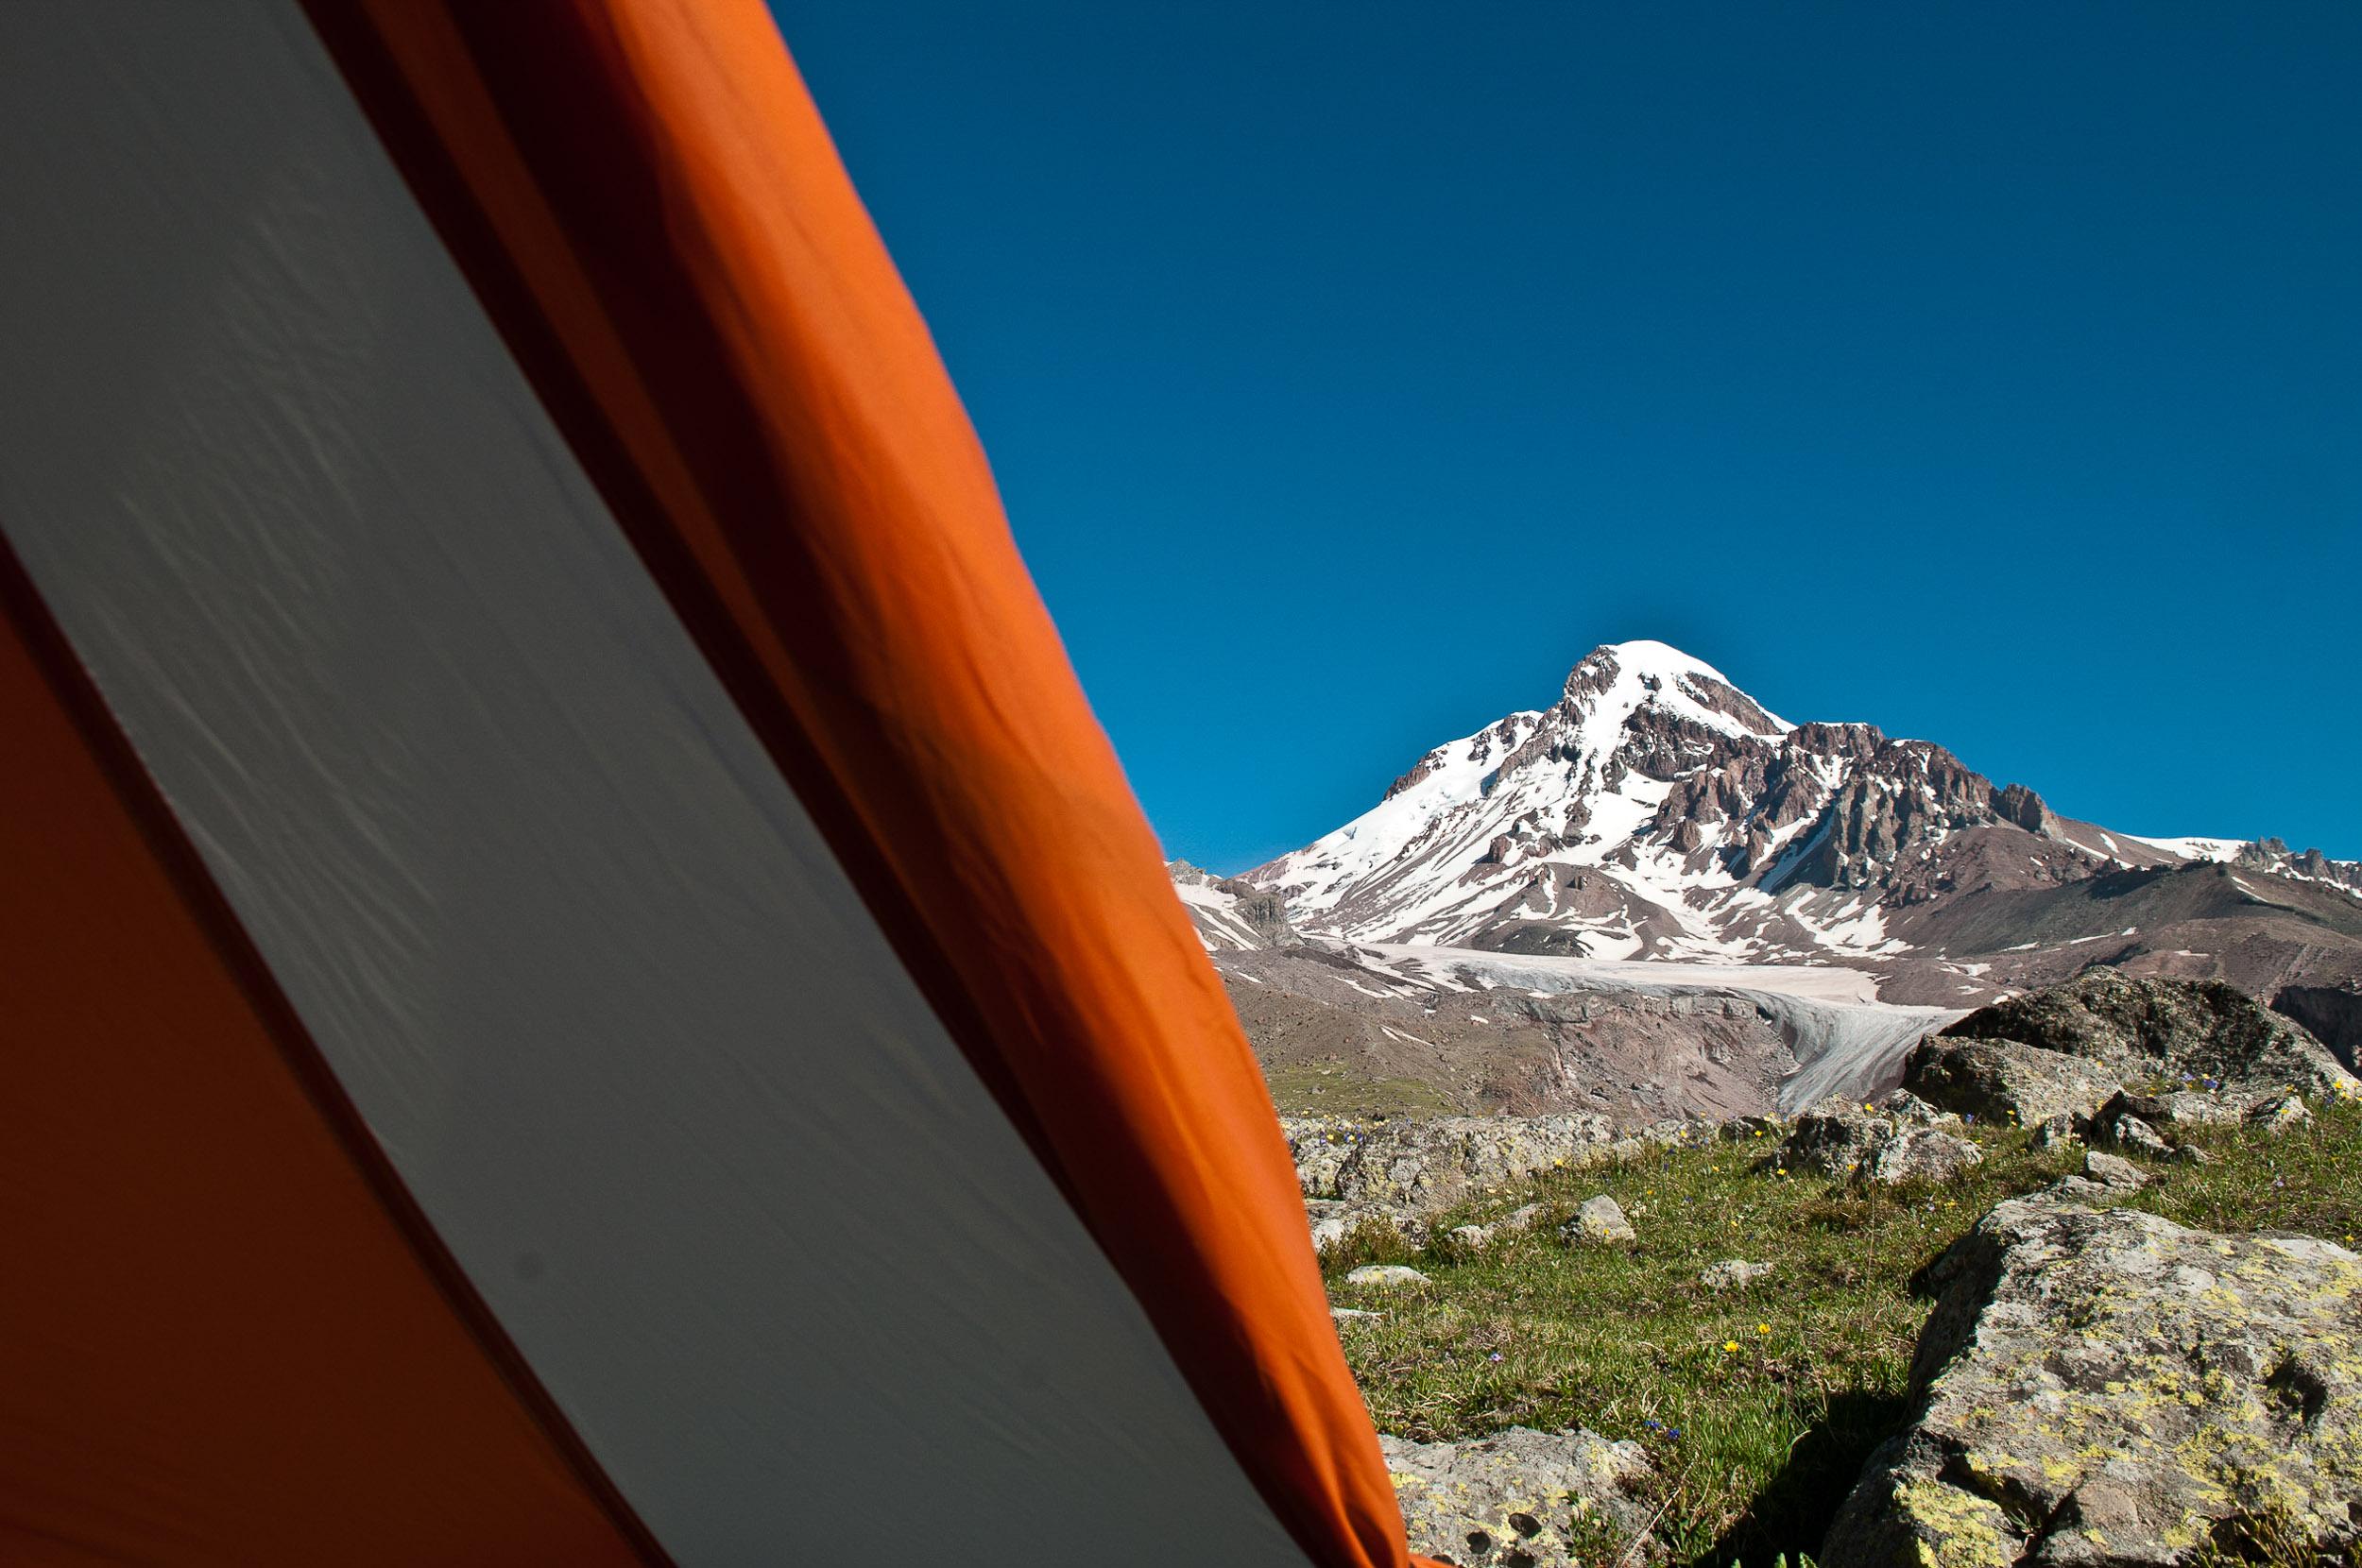 View of Kazbegi mountain, Mtiuleti Range, Georgia